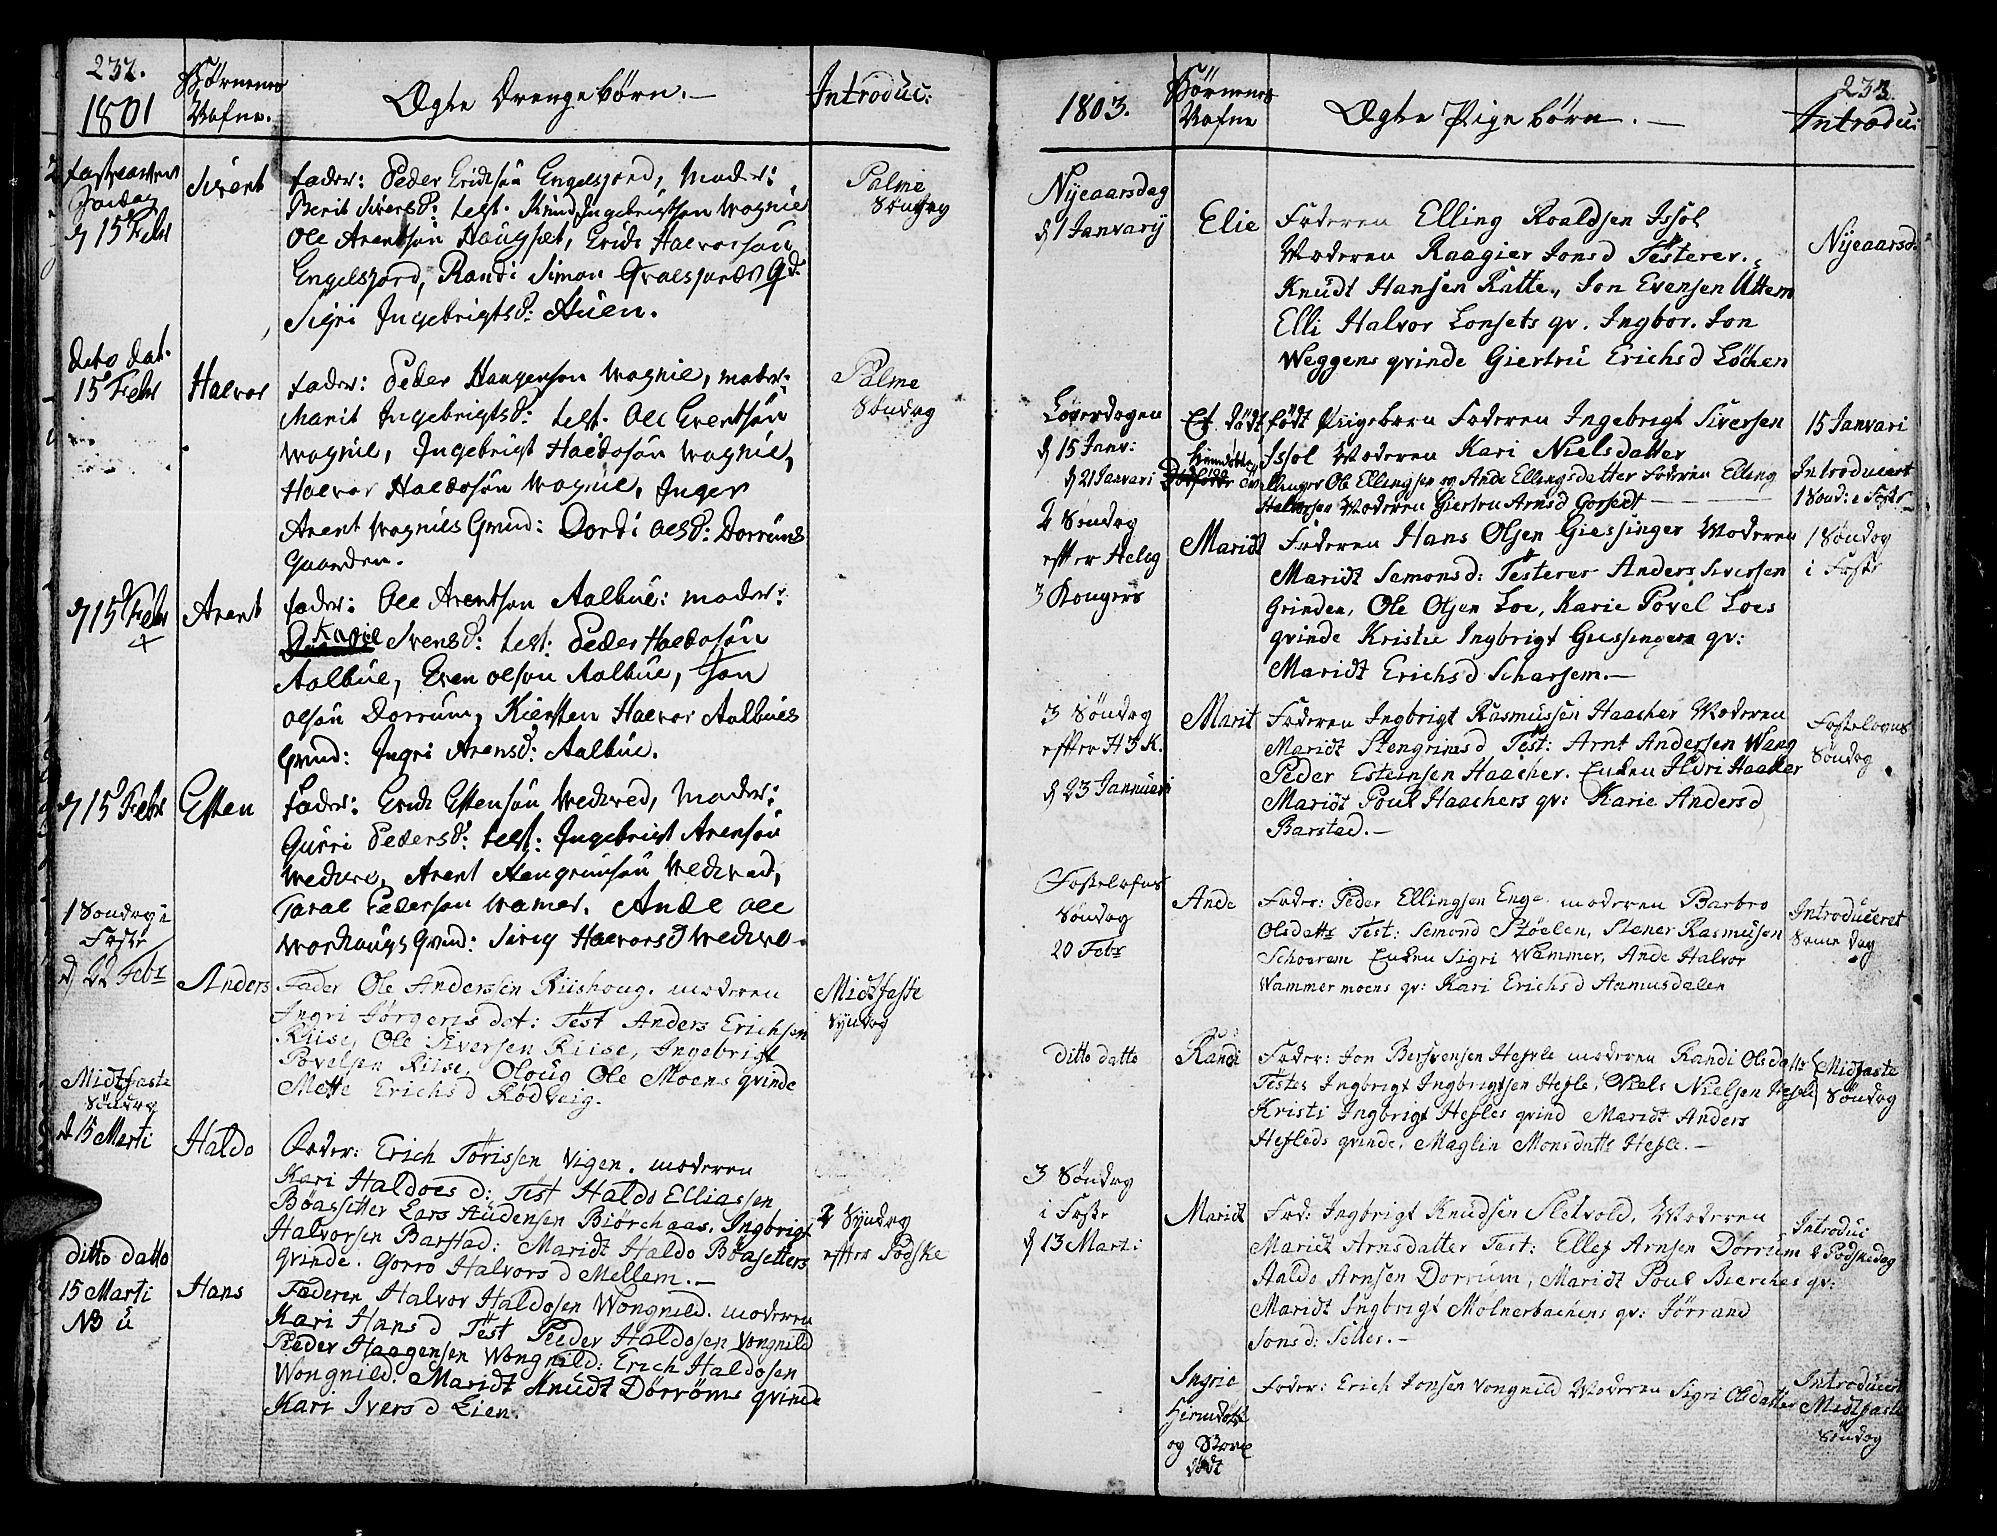 SAT, Ministerialprotokoller, klokkerbøker og fødselsregistre - Sør-Trøndelag, 678/L0893: Ministerialbok nr. 678A03, 1792-1805, s. 232-233